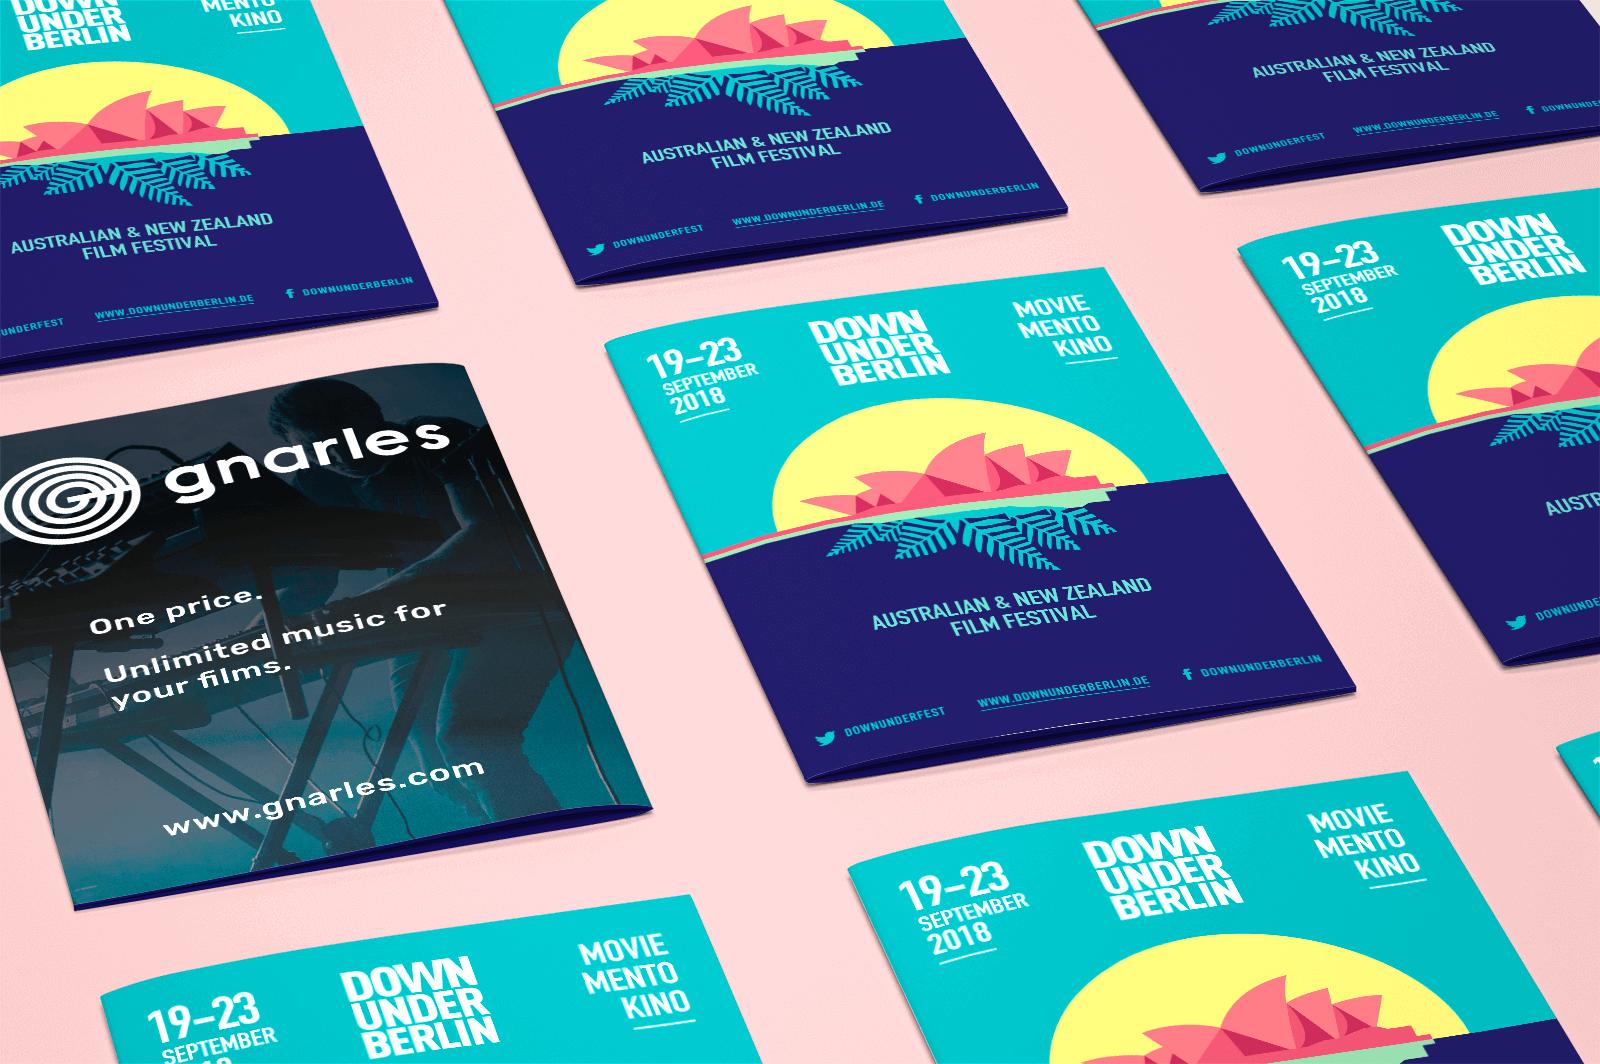 Printed program for Down Under film festival 2019